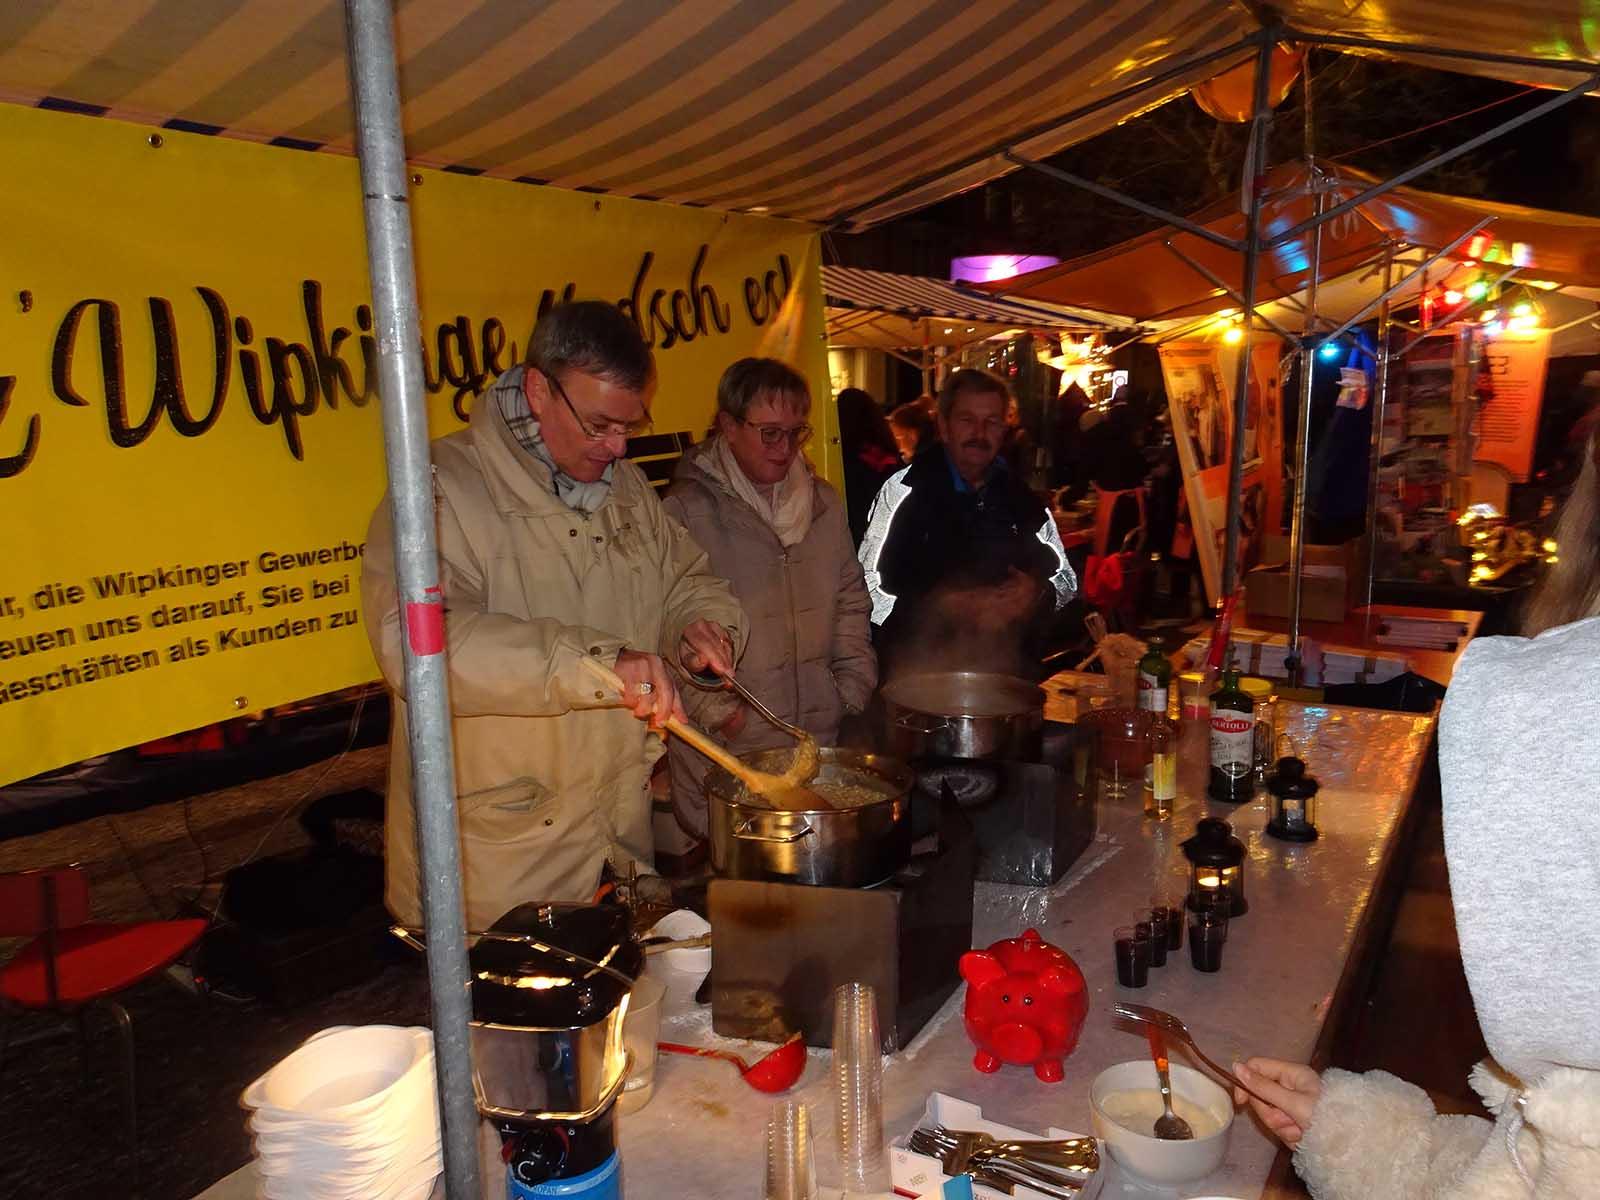 Vorstandsmitglieder des Gewerbe Wipkingen bereiten am Weihnachtsmarkt den traditionellen Risotto zu.